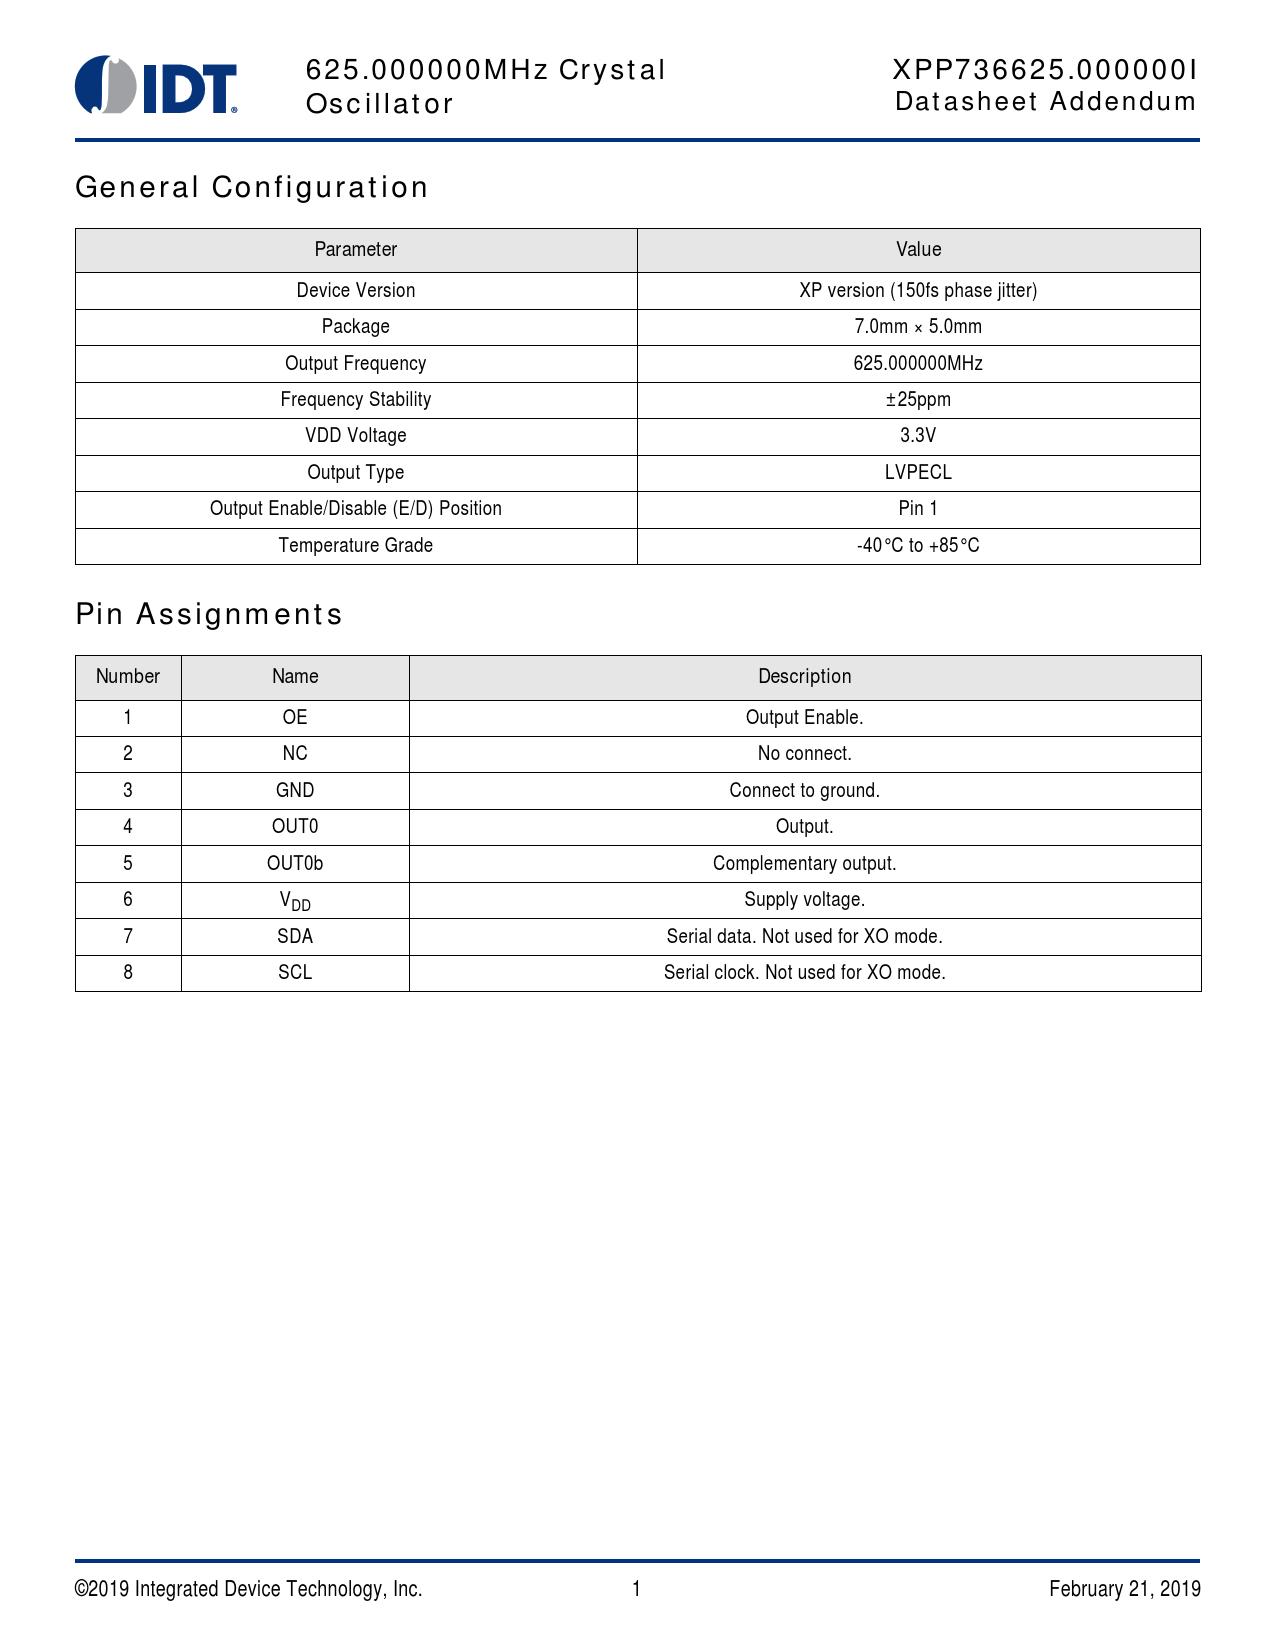 Datasheet Addendum XPP736625.000000I IDT, Revision: 20190221